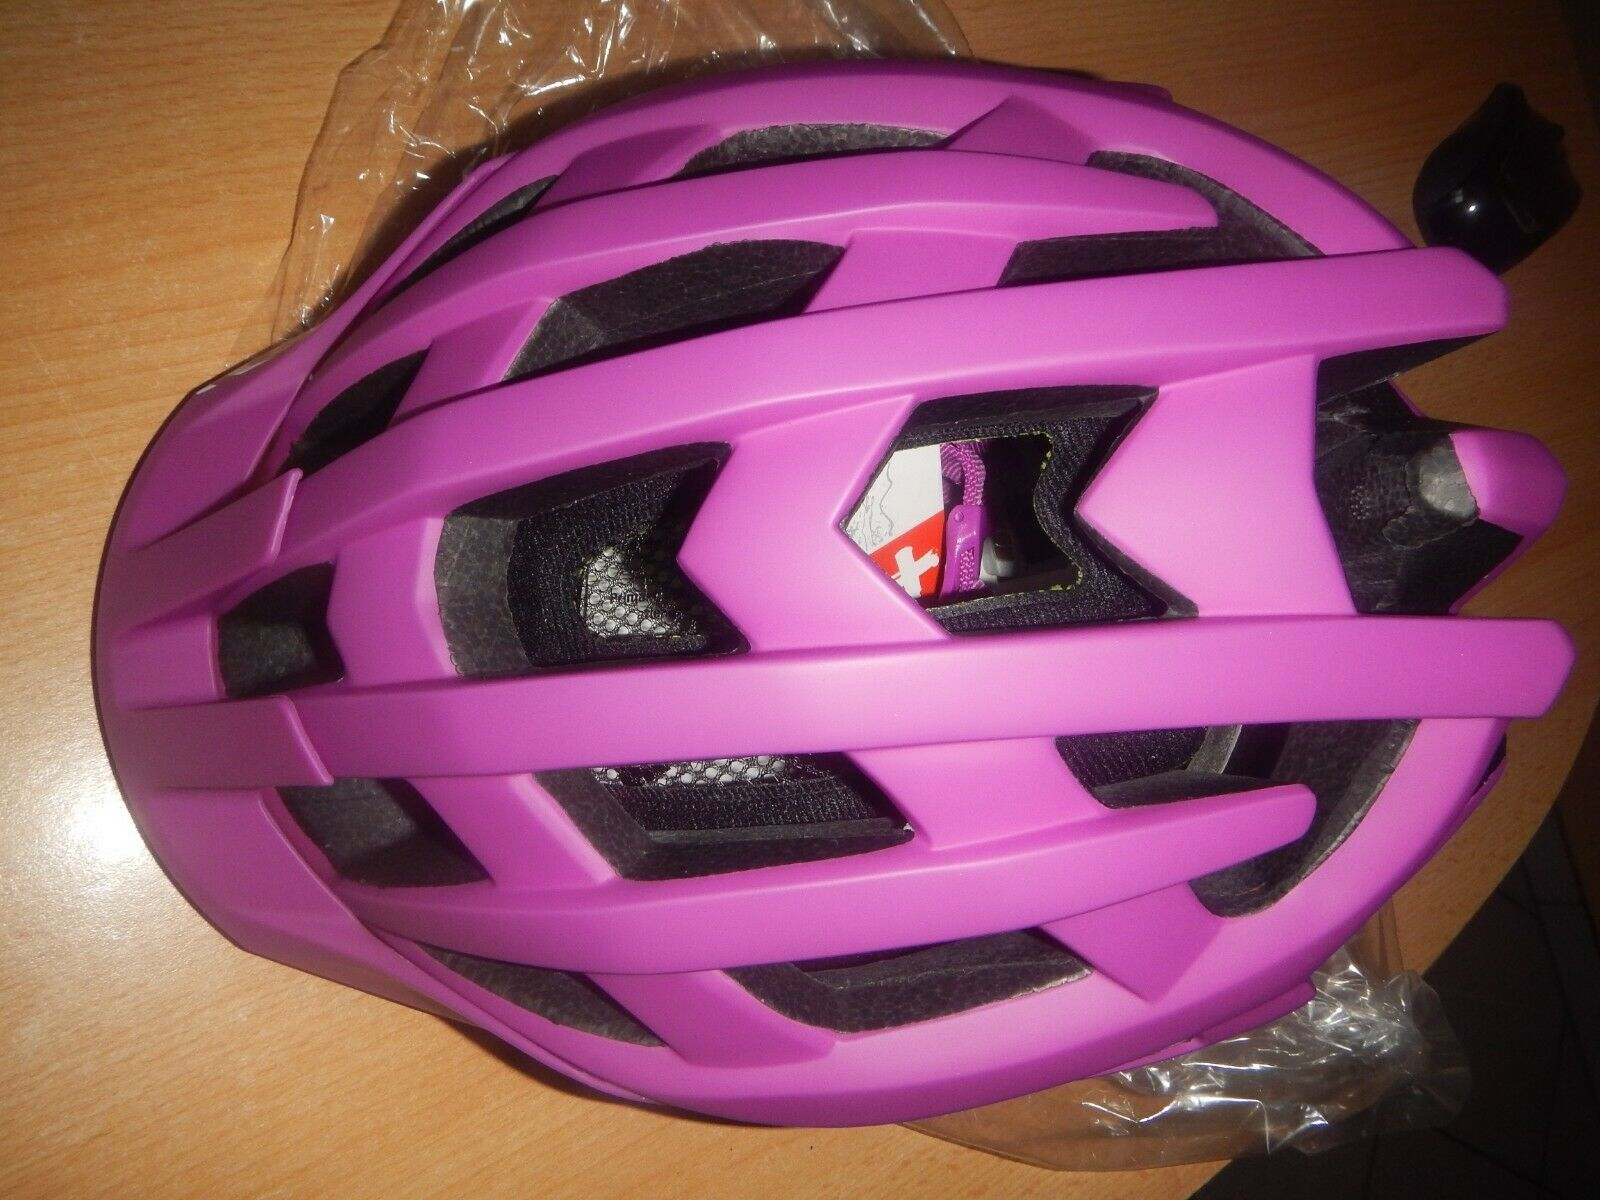 IXS fahradhelm casco  Kronos evo M L púrpura nuevo embalaje original  deportes calientes